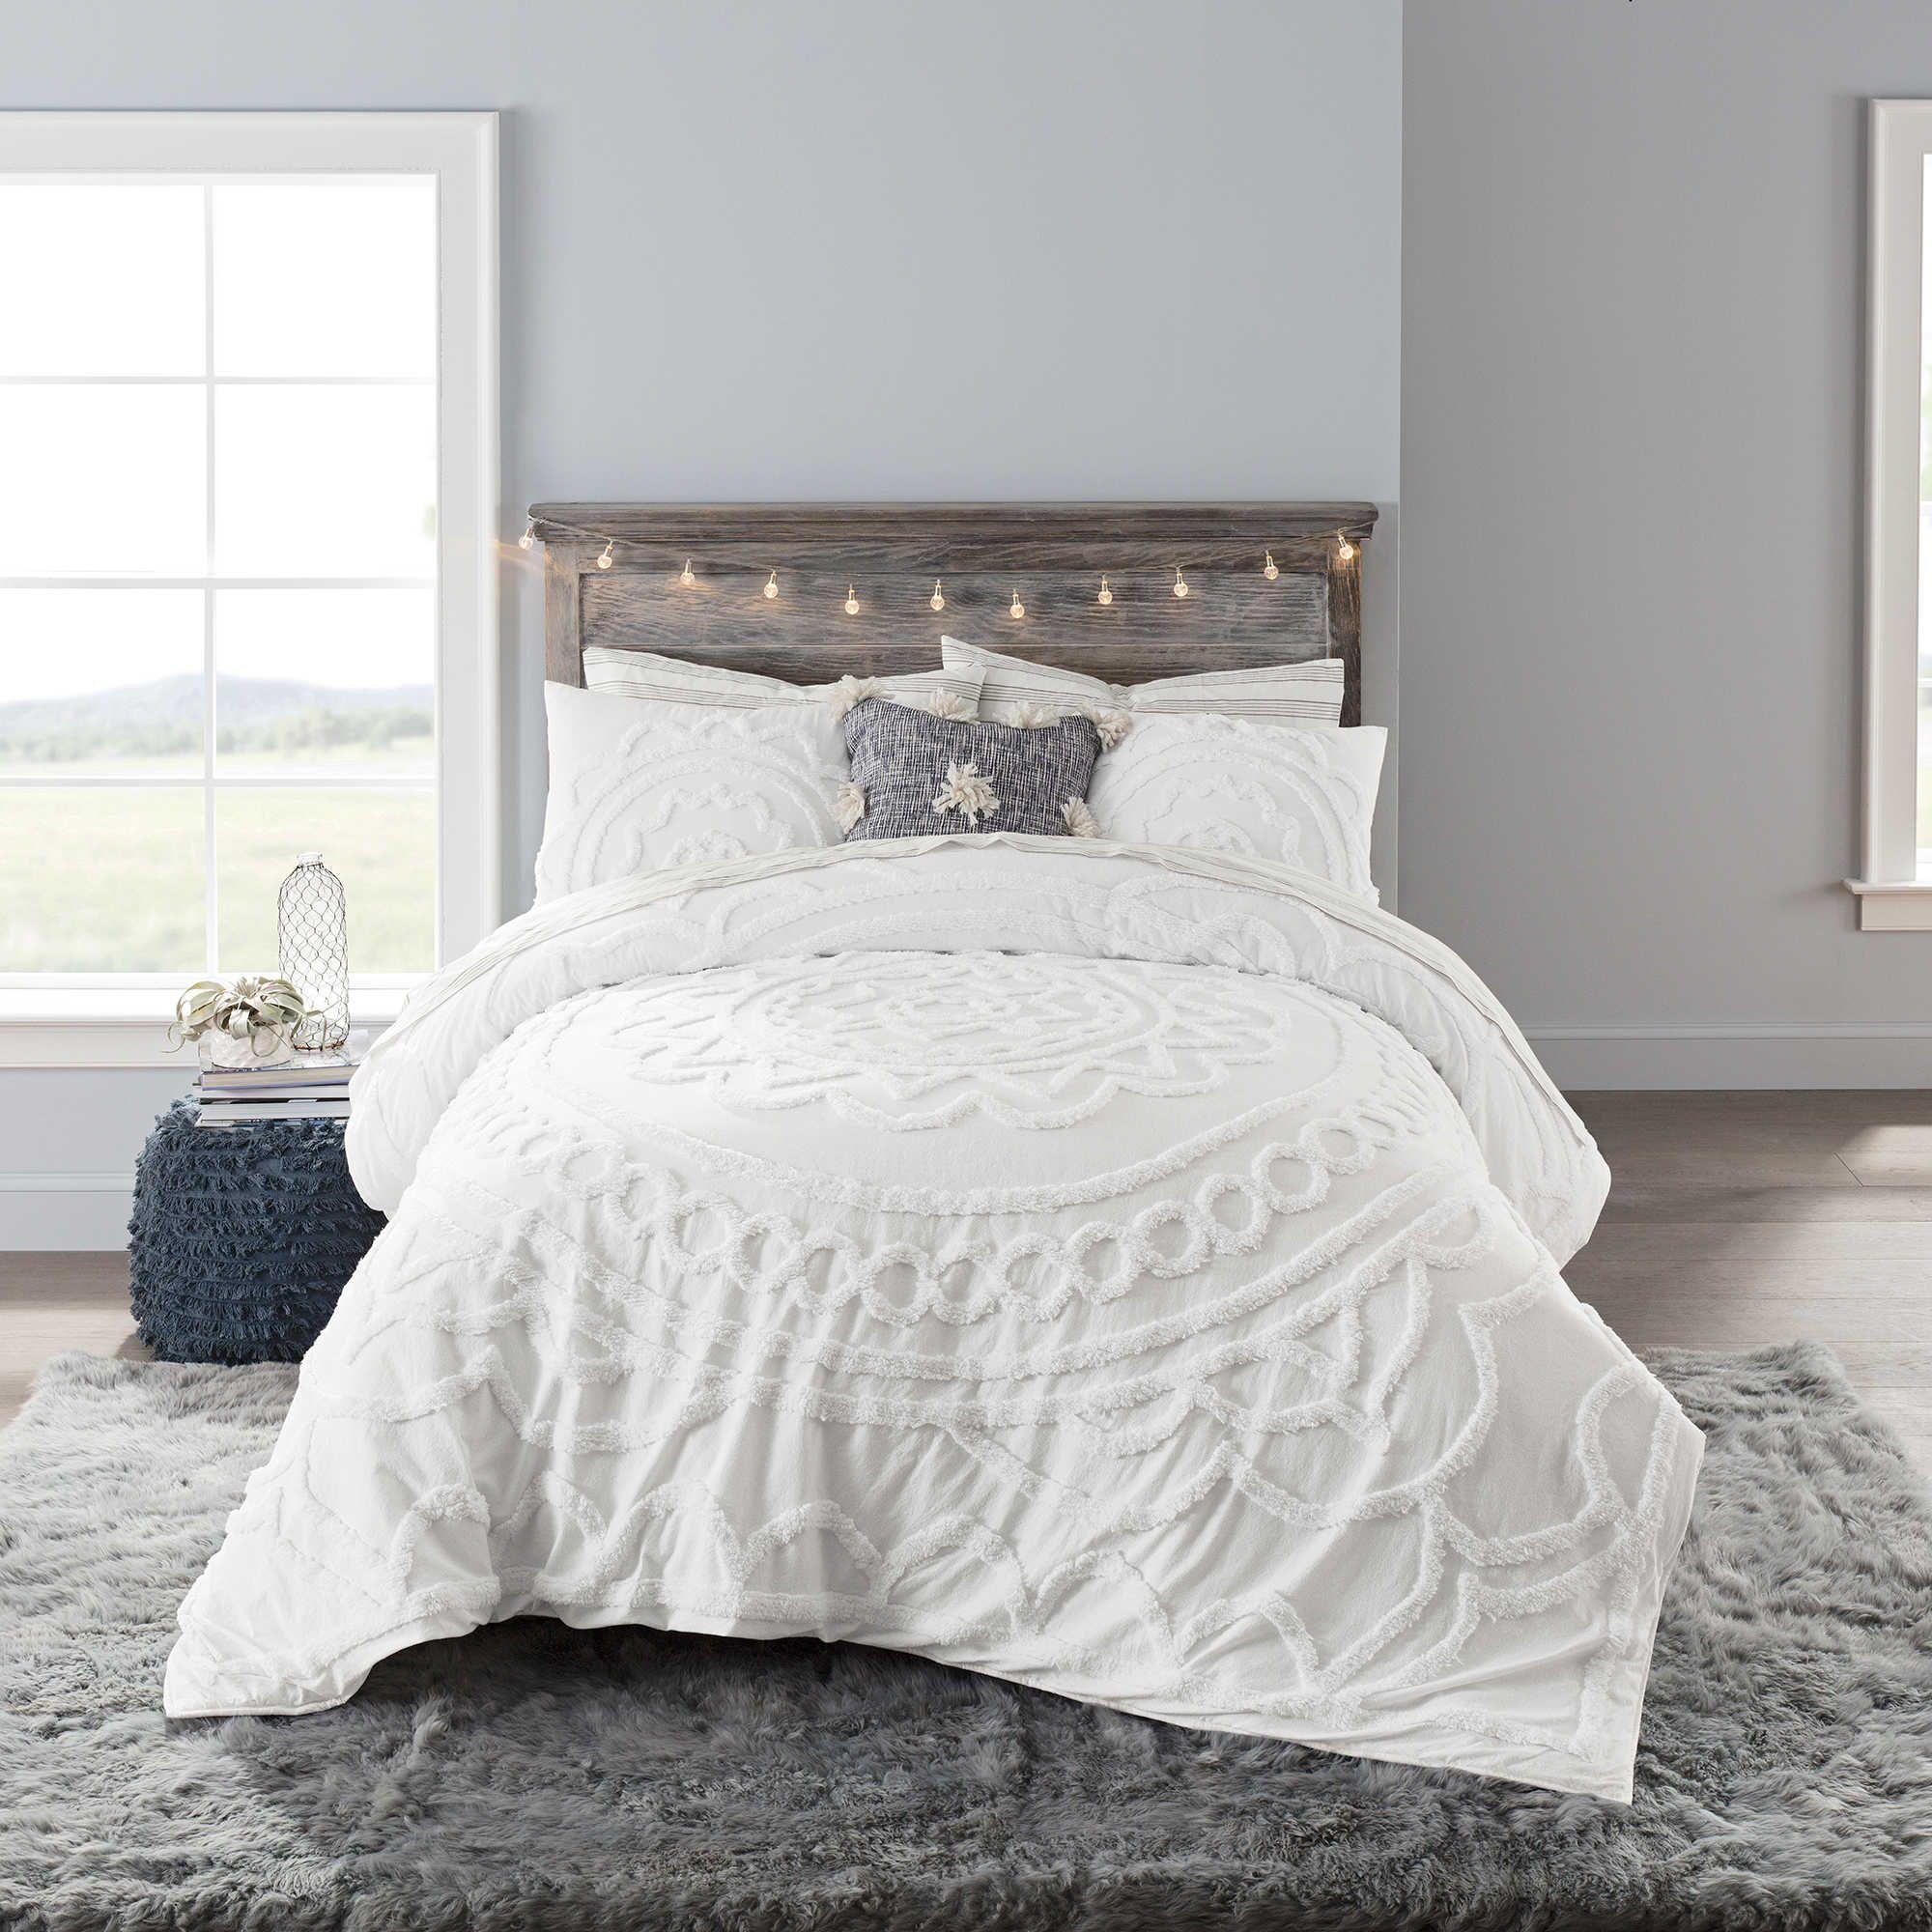 Anthology™ Tufted Medallion Full Comforter Set in White